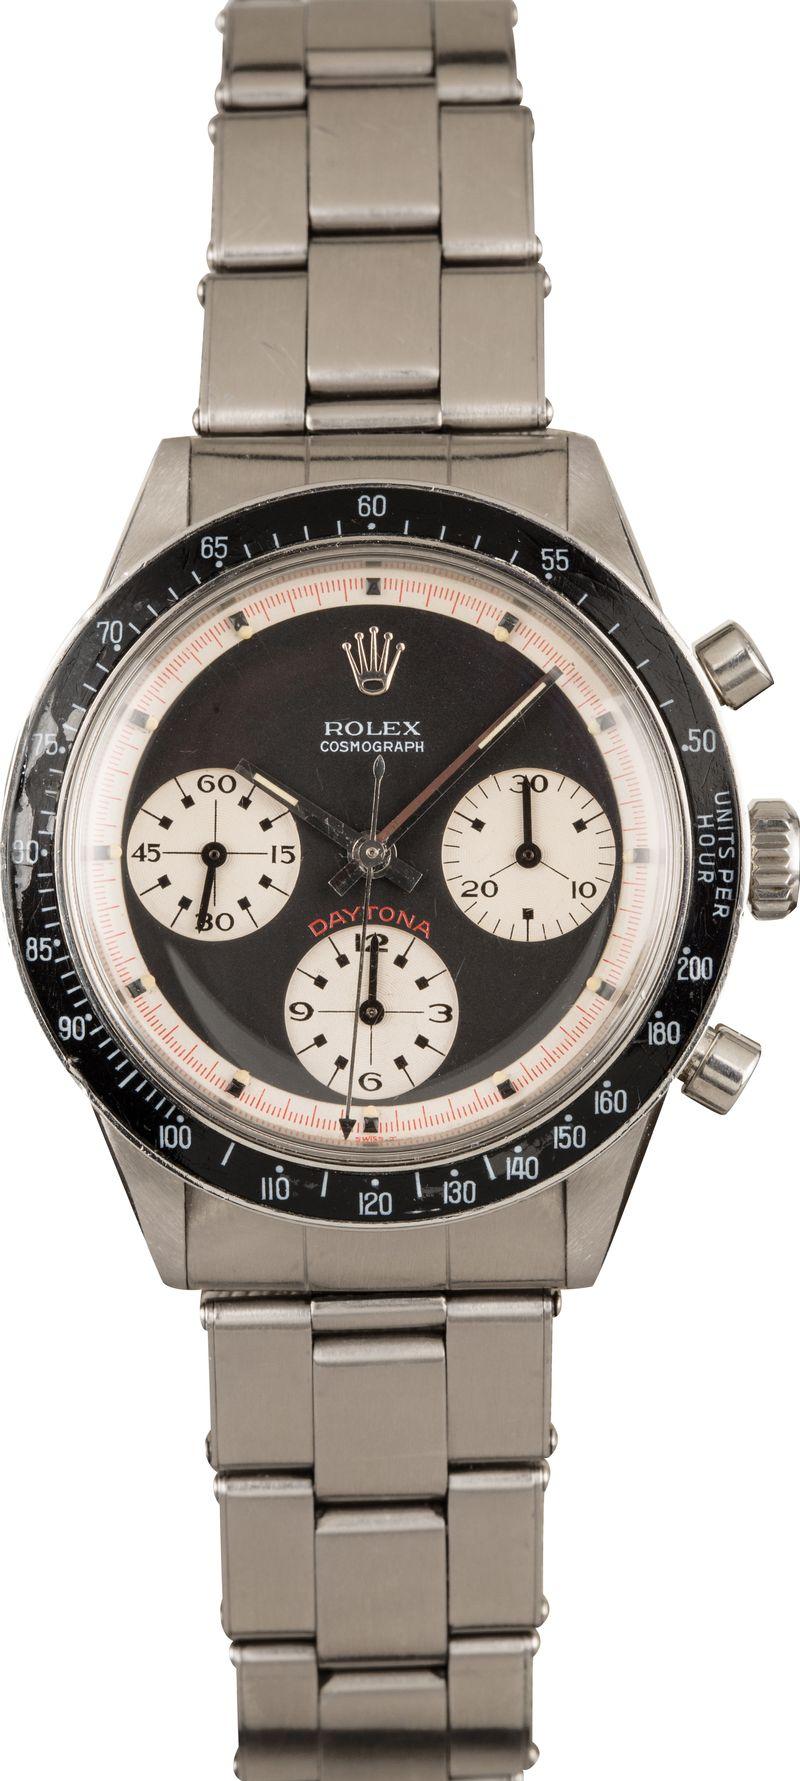 Fresh Finds Auction Vintage Rolex Paul Newman Daytona 6241